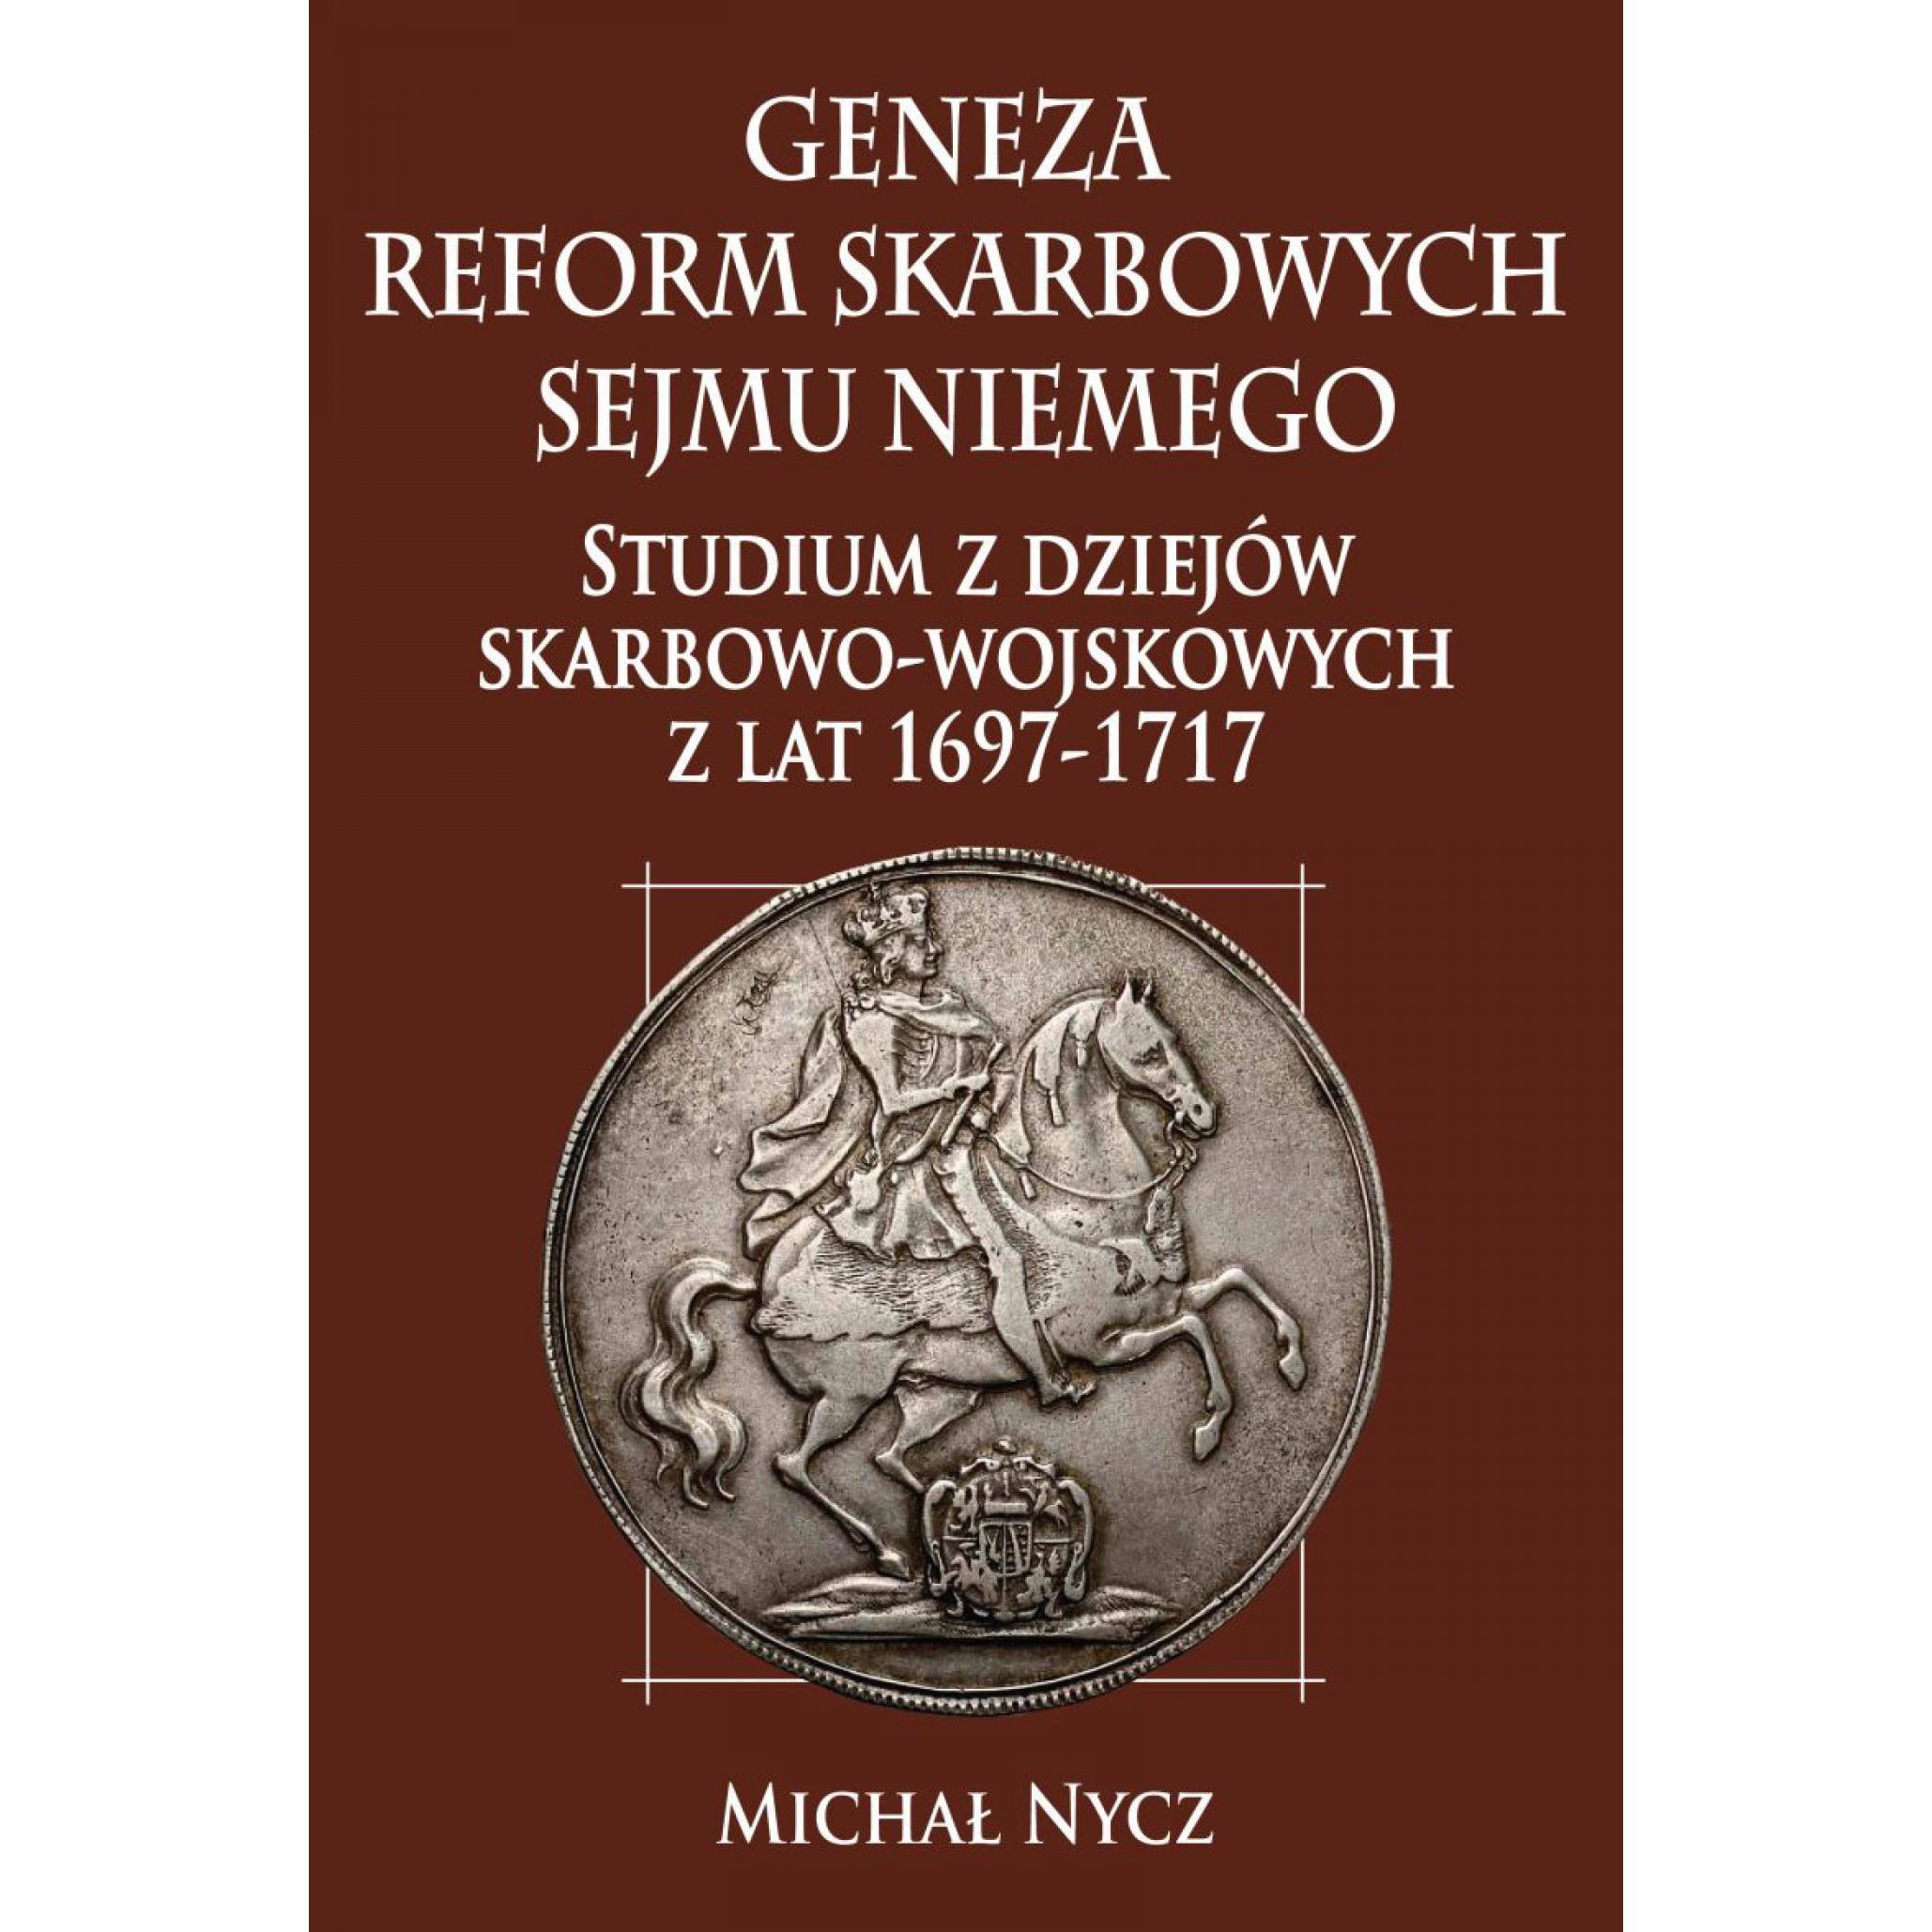 Geneza reform skarbowych Sejmu Niemego: studium z dziejów skarbowo-wojskowych z lat 1697-1717